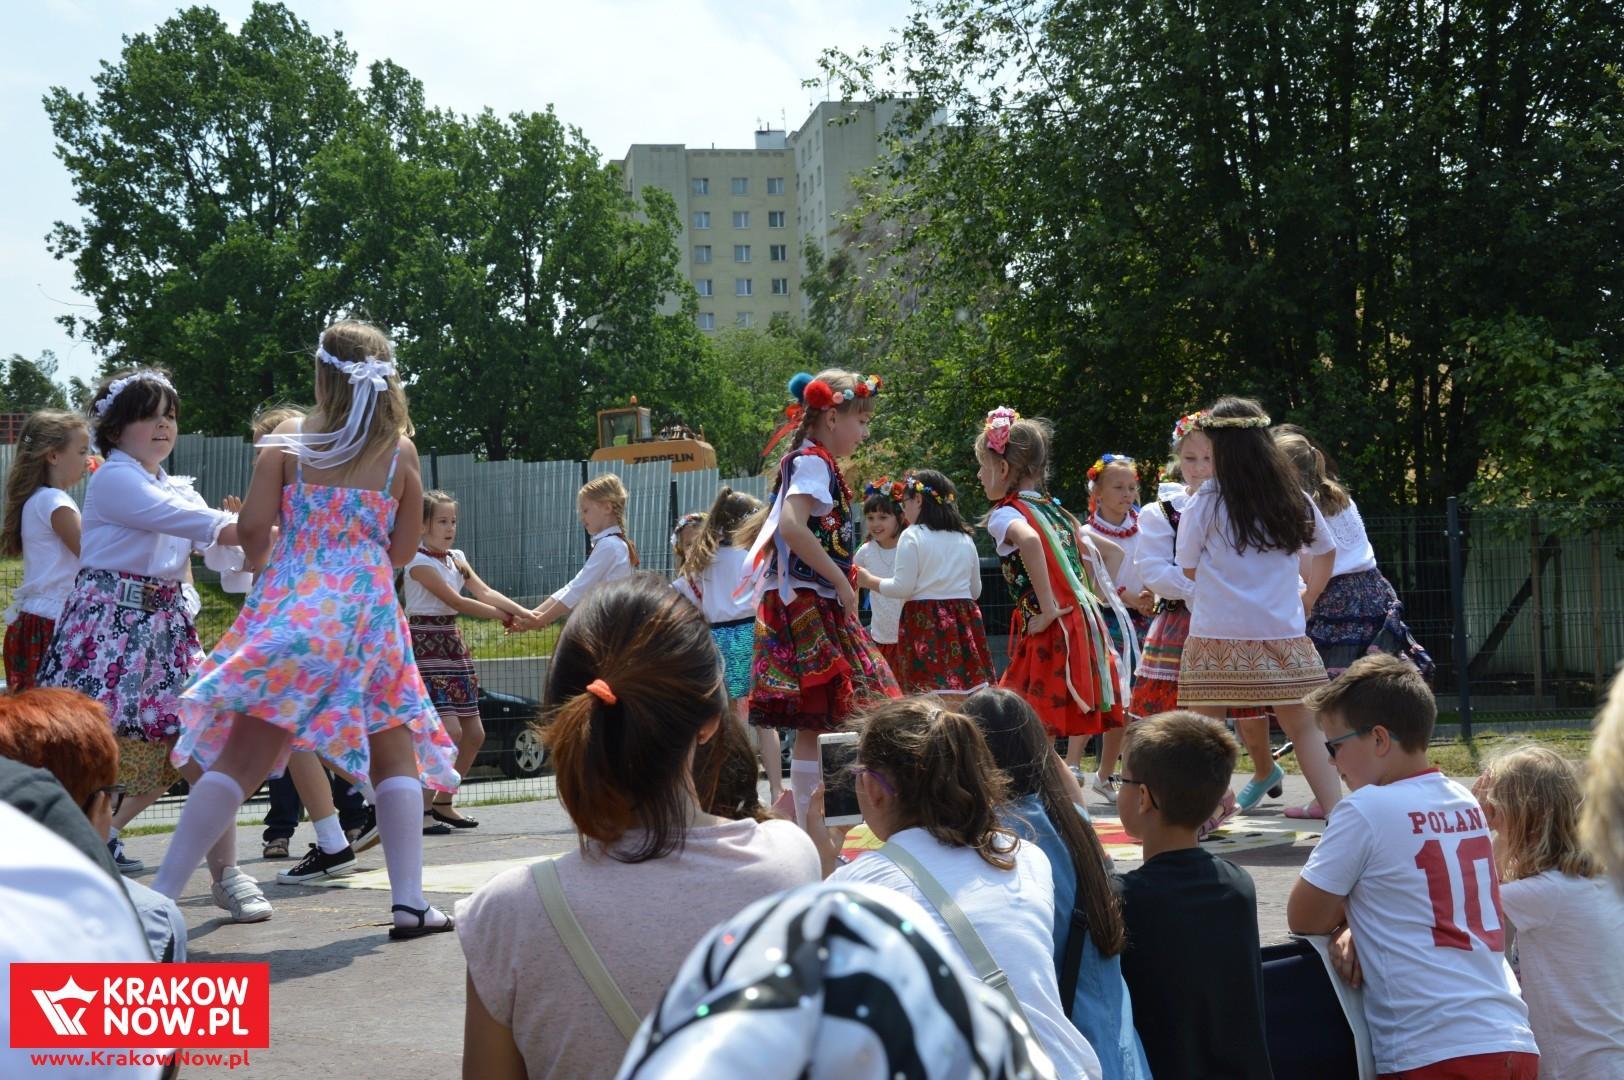 25 lat osiedla rzaka krakow festyn rodzinny 72 150x150 - 25 lat Osiedla Rżąka - galeria zdjęć z festynu